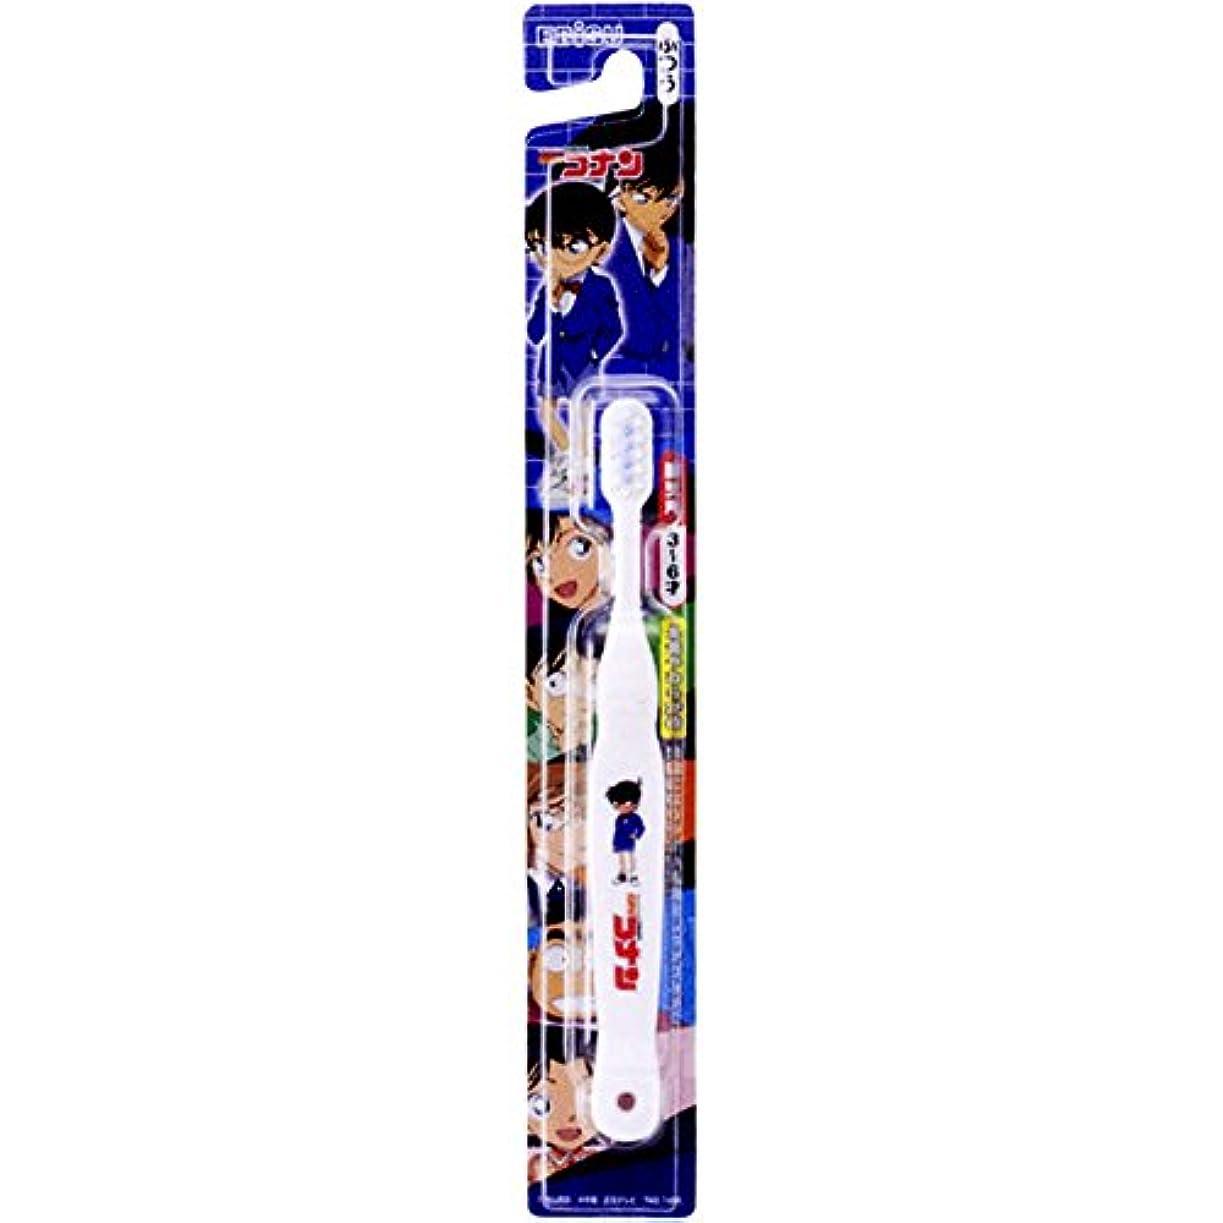 コートコスチューム神のエビス 名探偵コナン ハブラシ 3~6才 10本組 (色おまかせ)